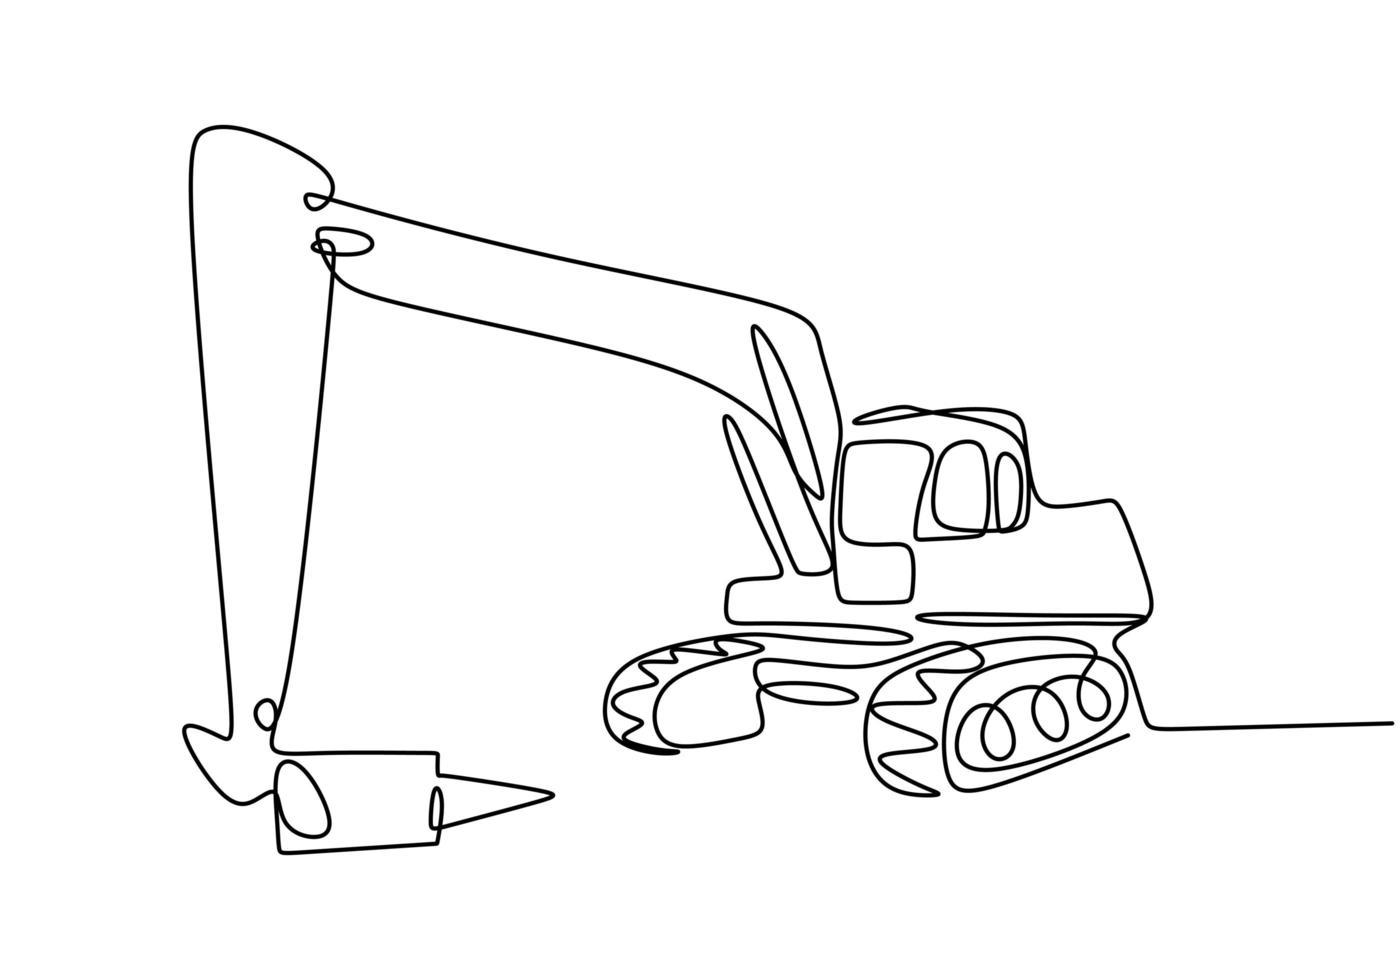 arte de linha contínua ou desenho de linha de veículo retroescavadeira de construção. vetor